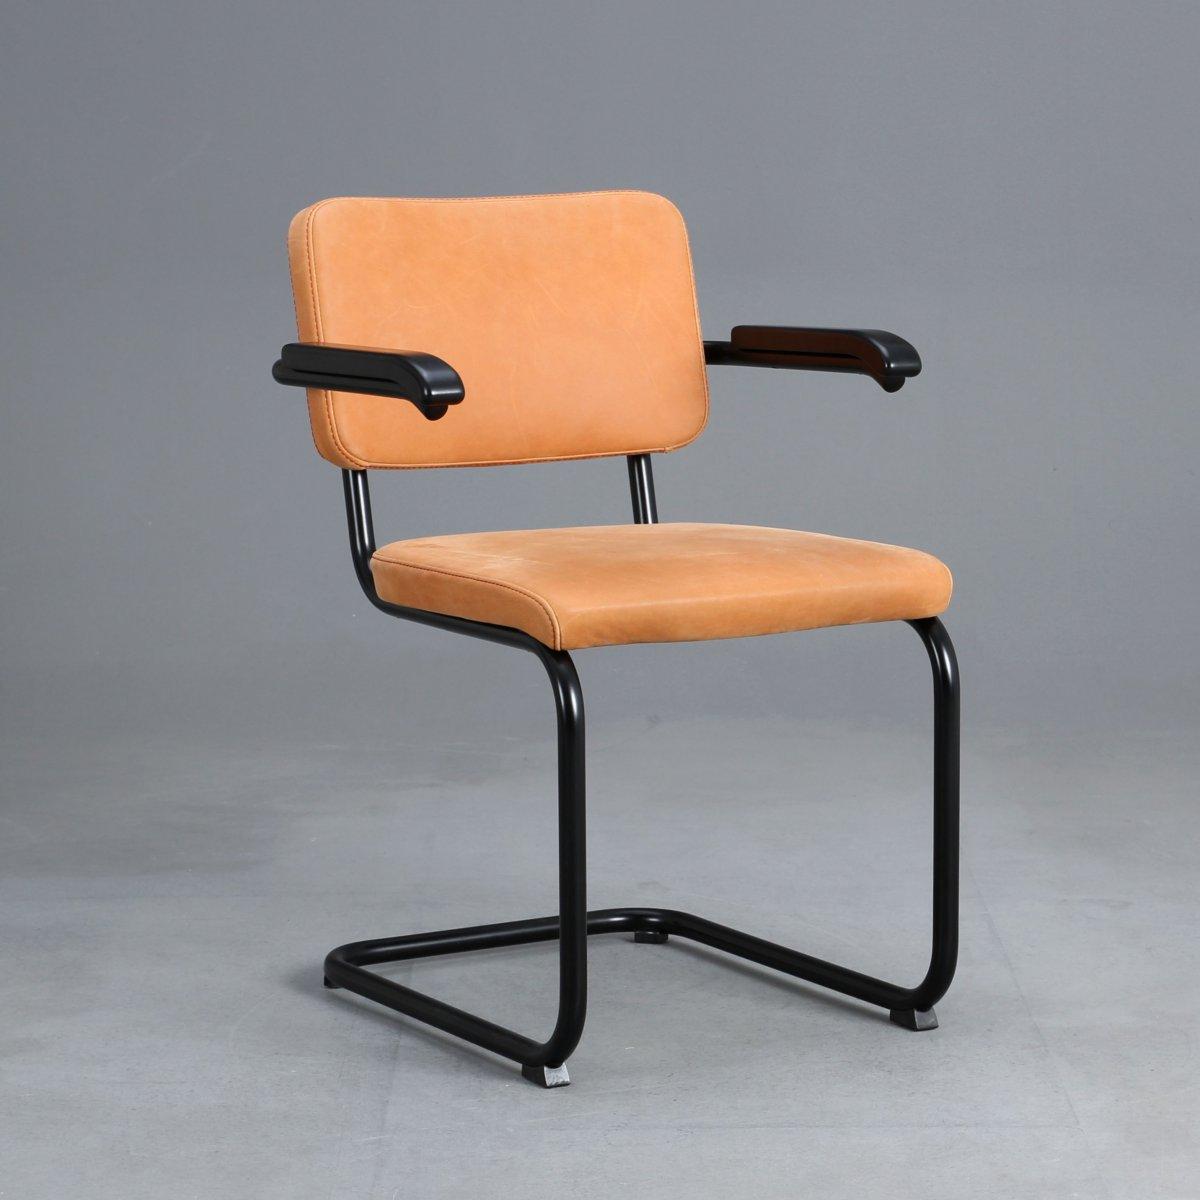 thonet s64 pv leder freischwinger in schwarz bauhaus klassiker stuhl breuer ebay. Black Bedroom Furniture Sets. Home Design Ideas